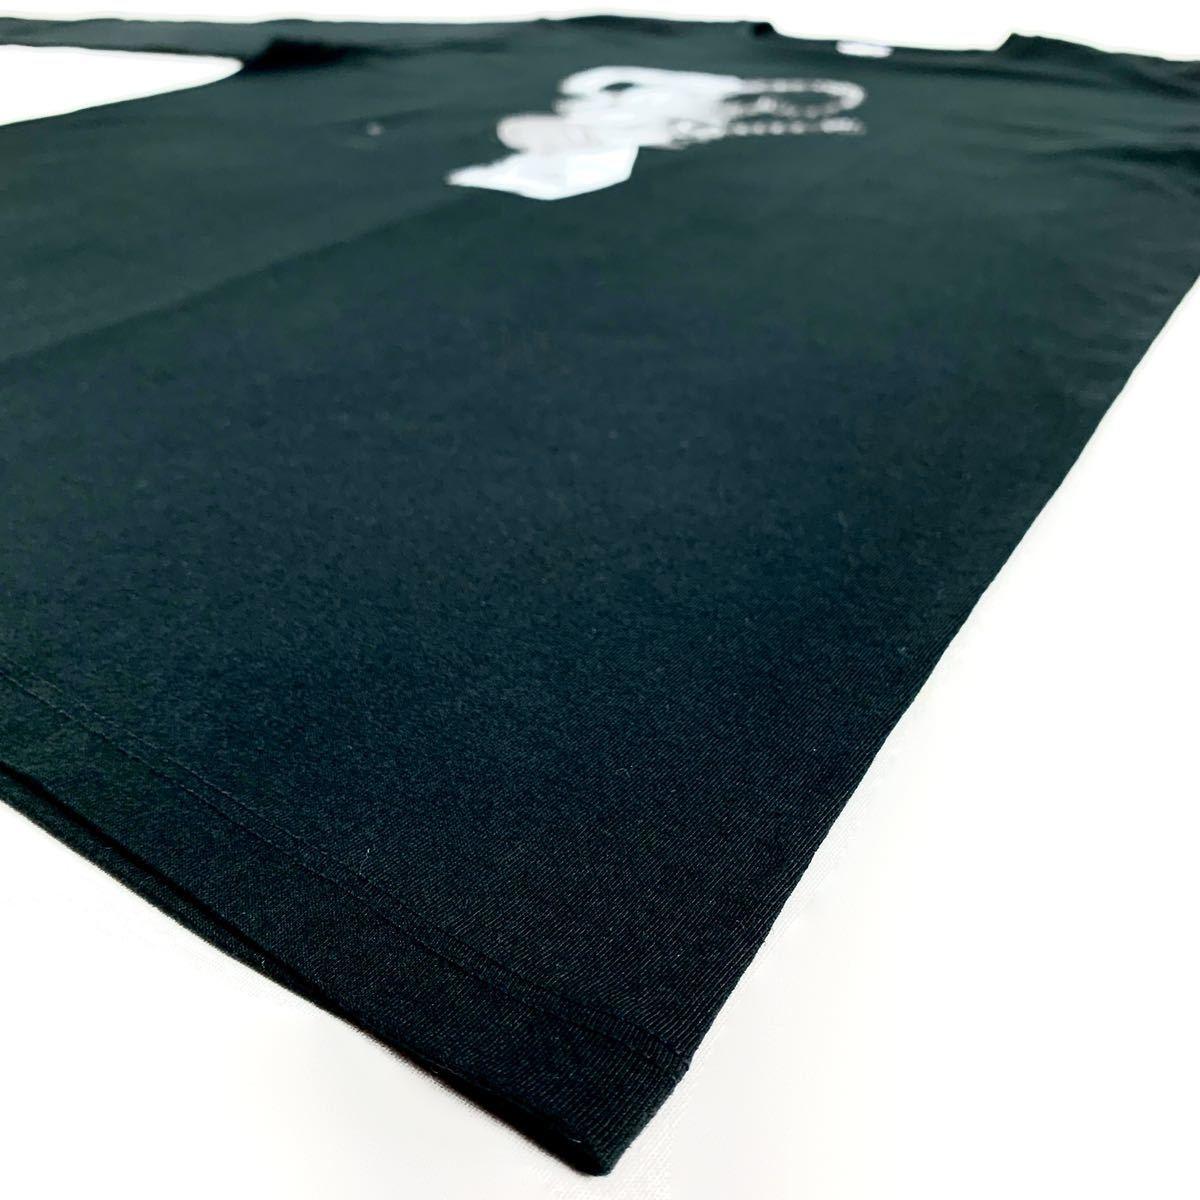 新品 ジミーペイジ レッドツェッペリン ギタリスト ロック バンド 黒 ロンT 長袖 Tシャツ XS S M L XL ビッグ オーバー サイズ XXL~4XL 可_画像9